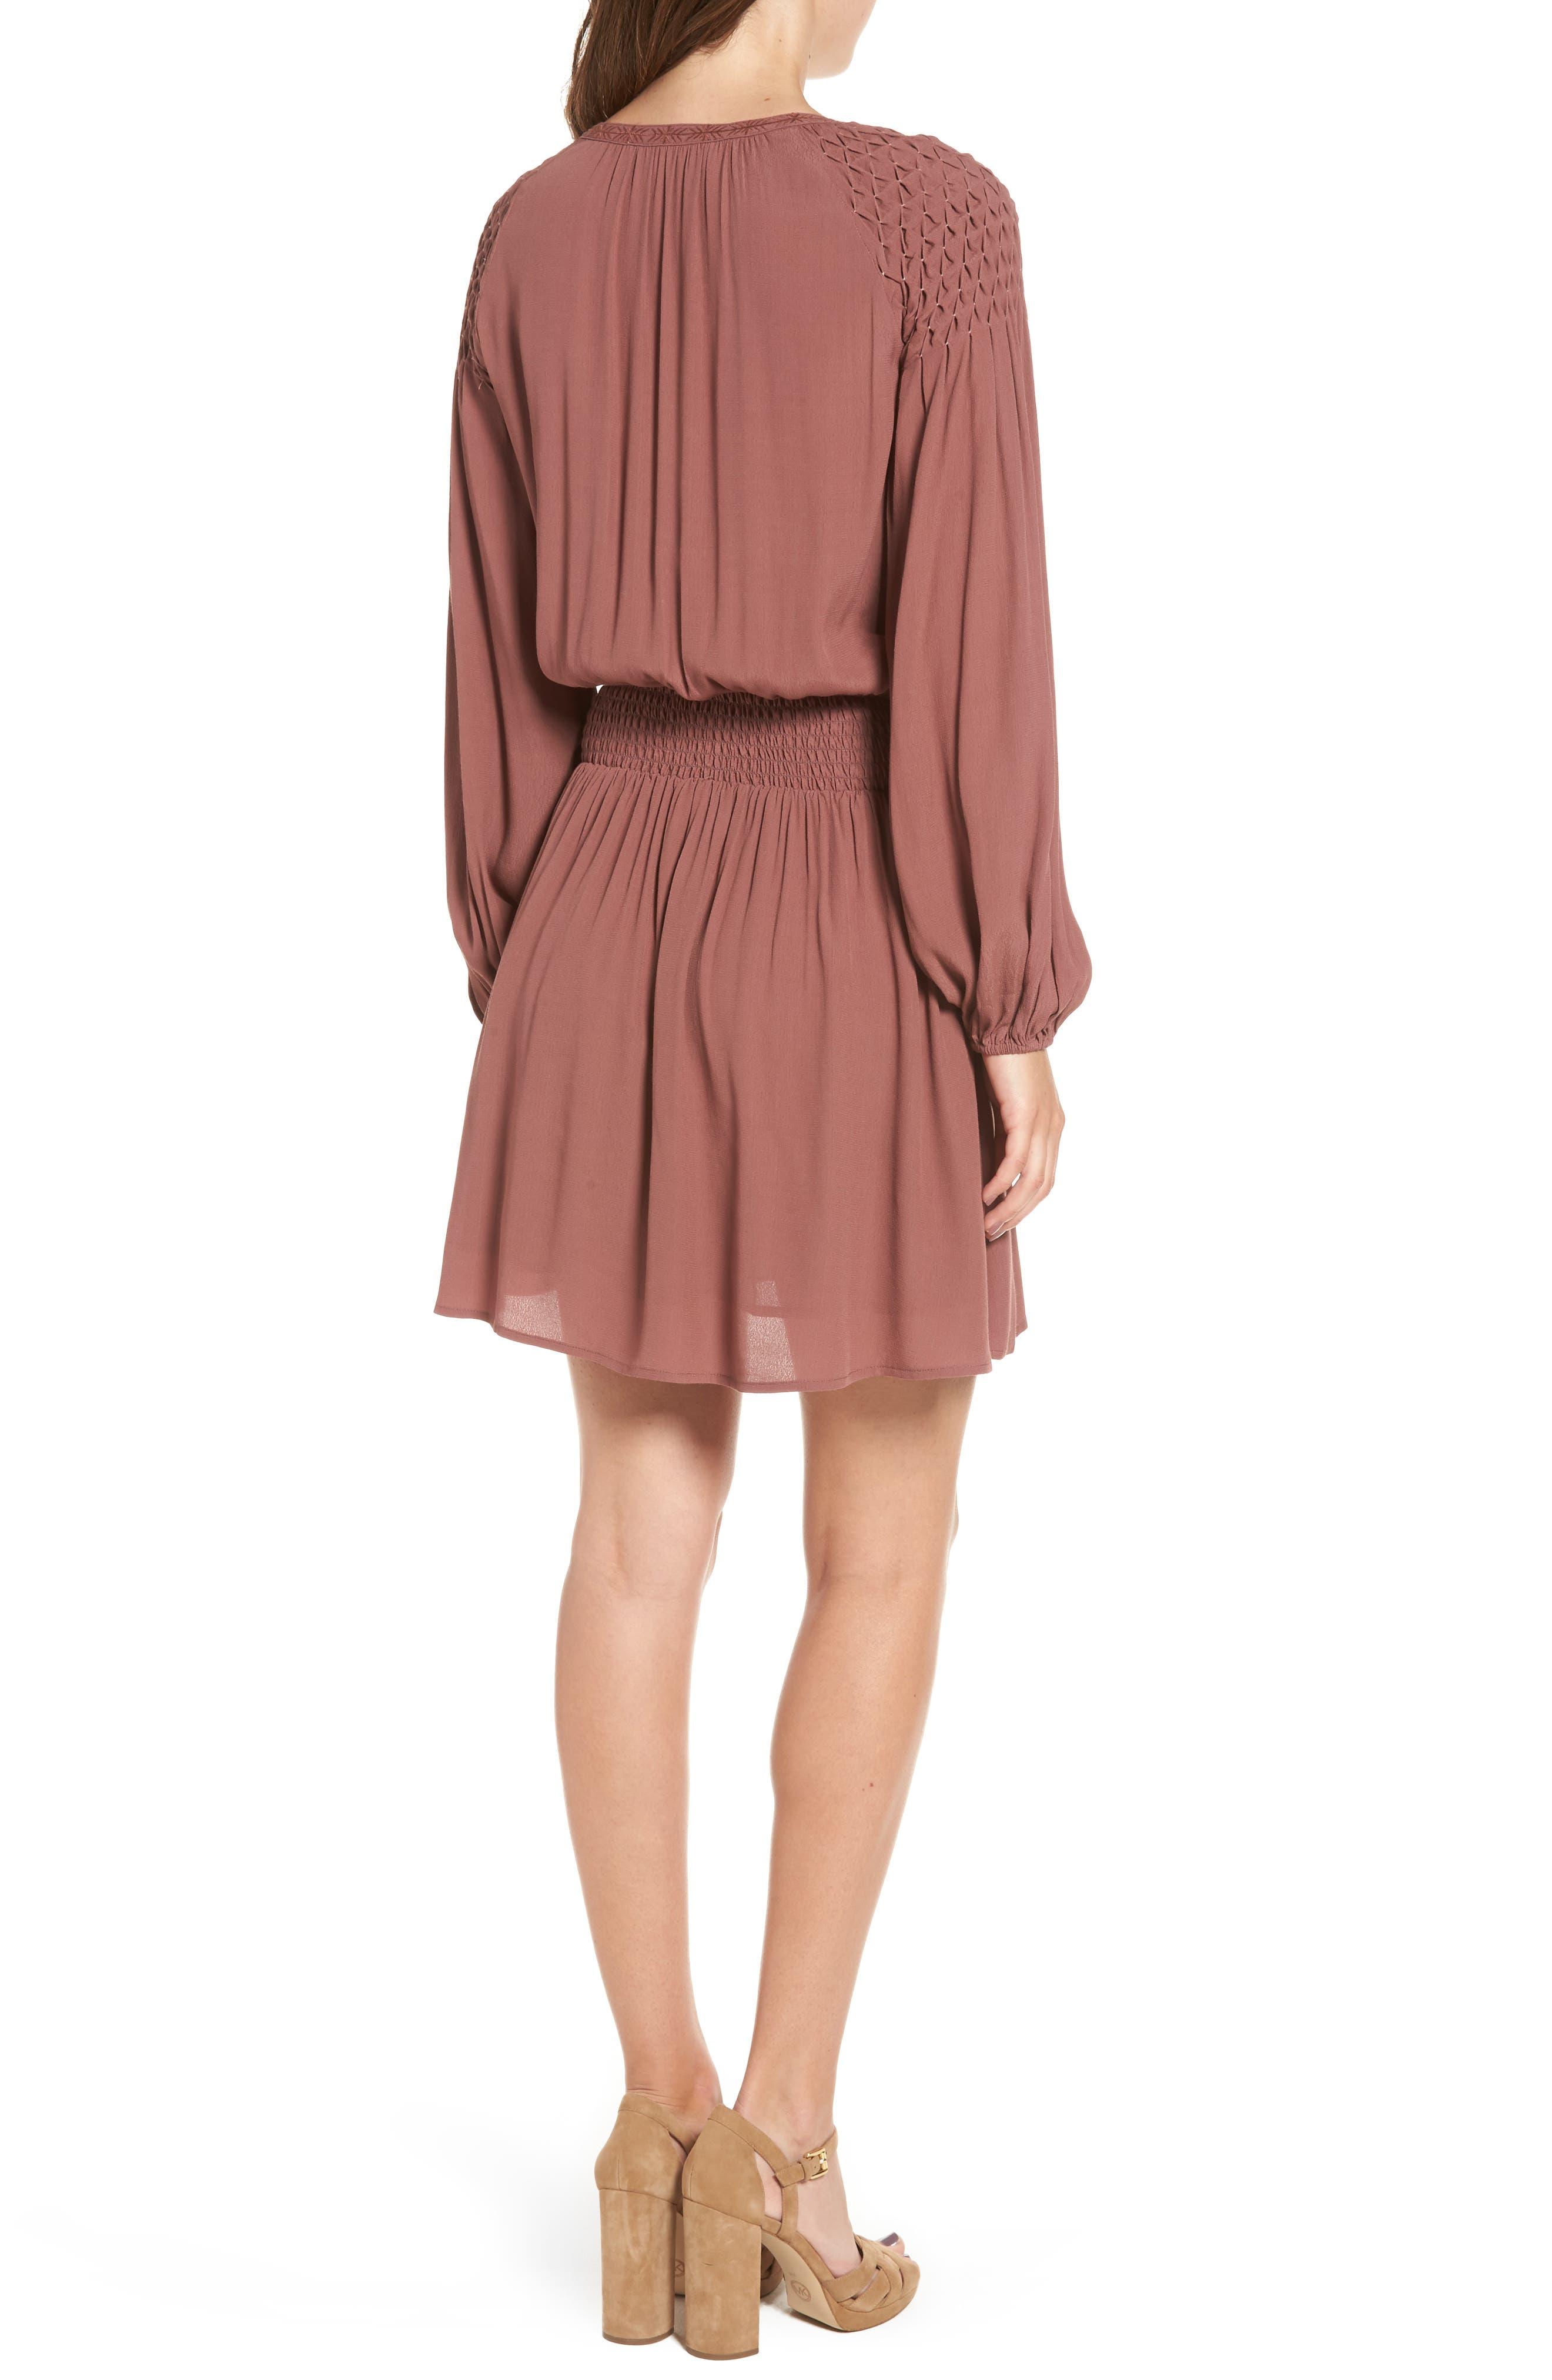 Alternate Image 3  - ASTR the Label Melinda Blouson Dress